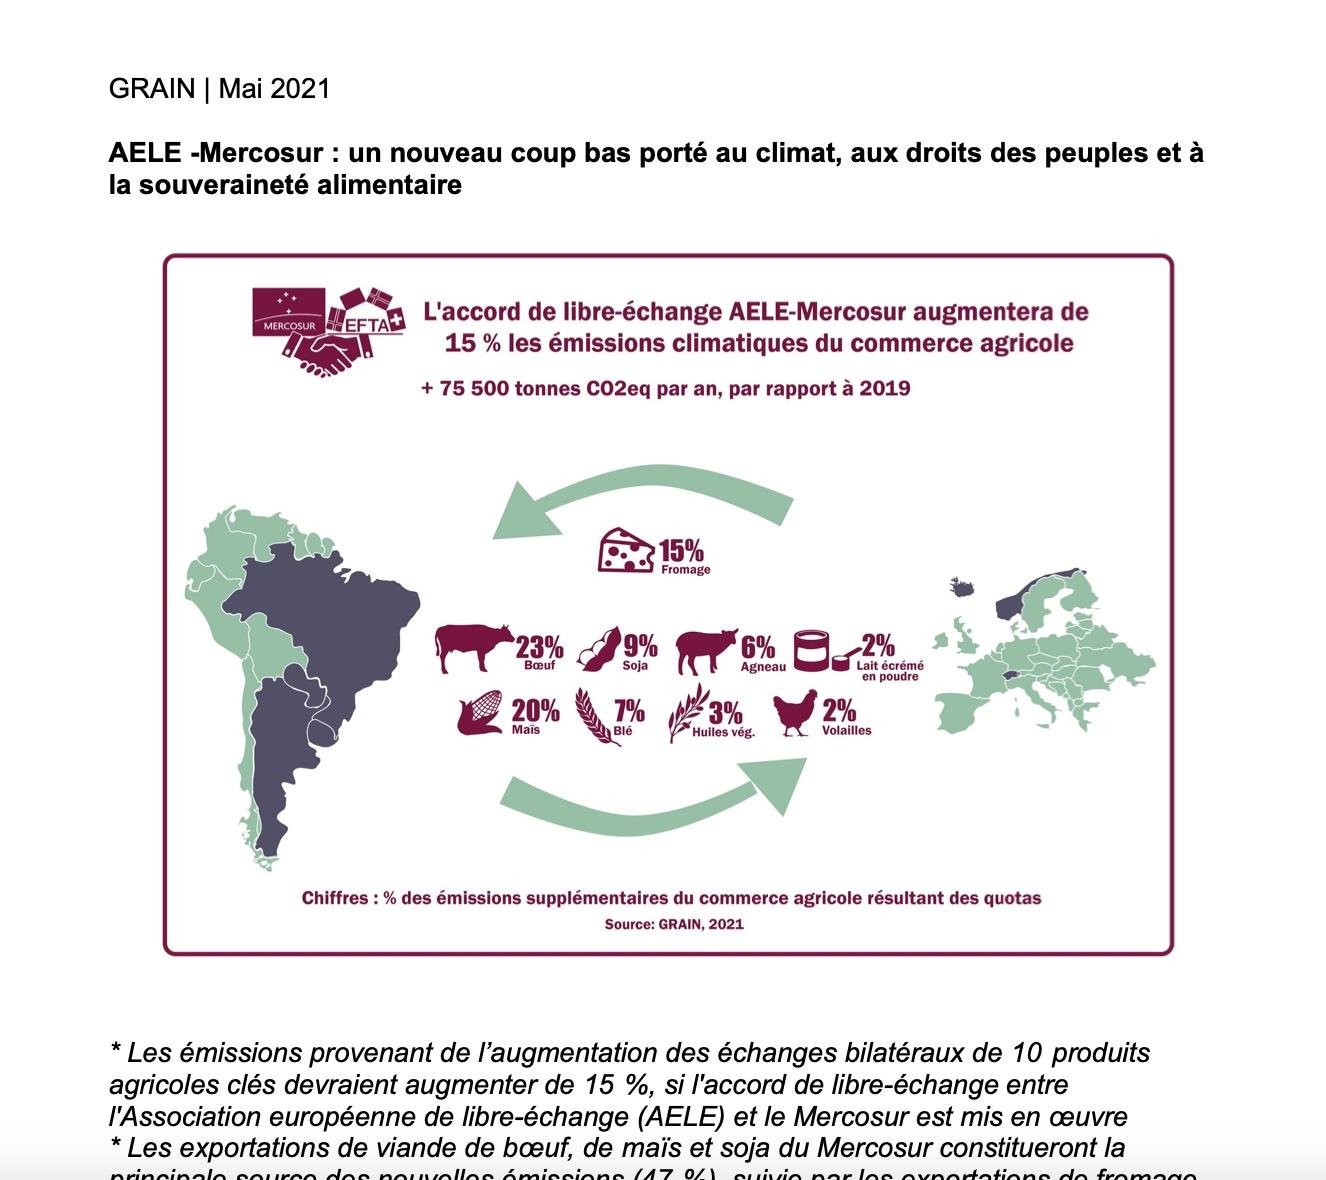 AELE -Mercosur : un nouveau coup bas porté au climat, aux droits des peuples et à la souveraineté alimentaire